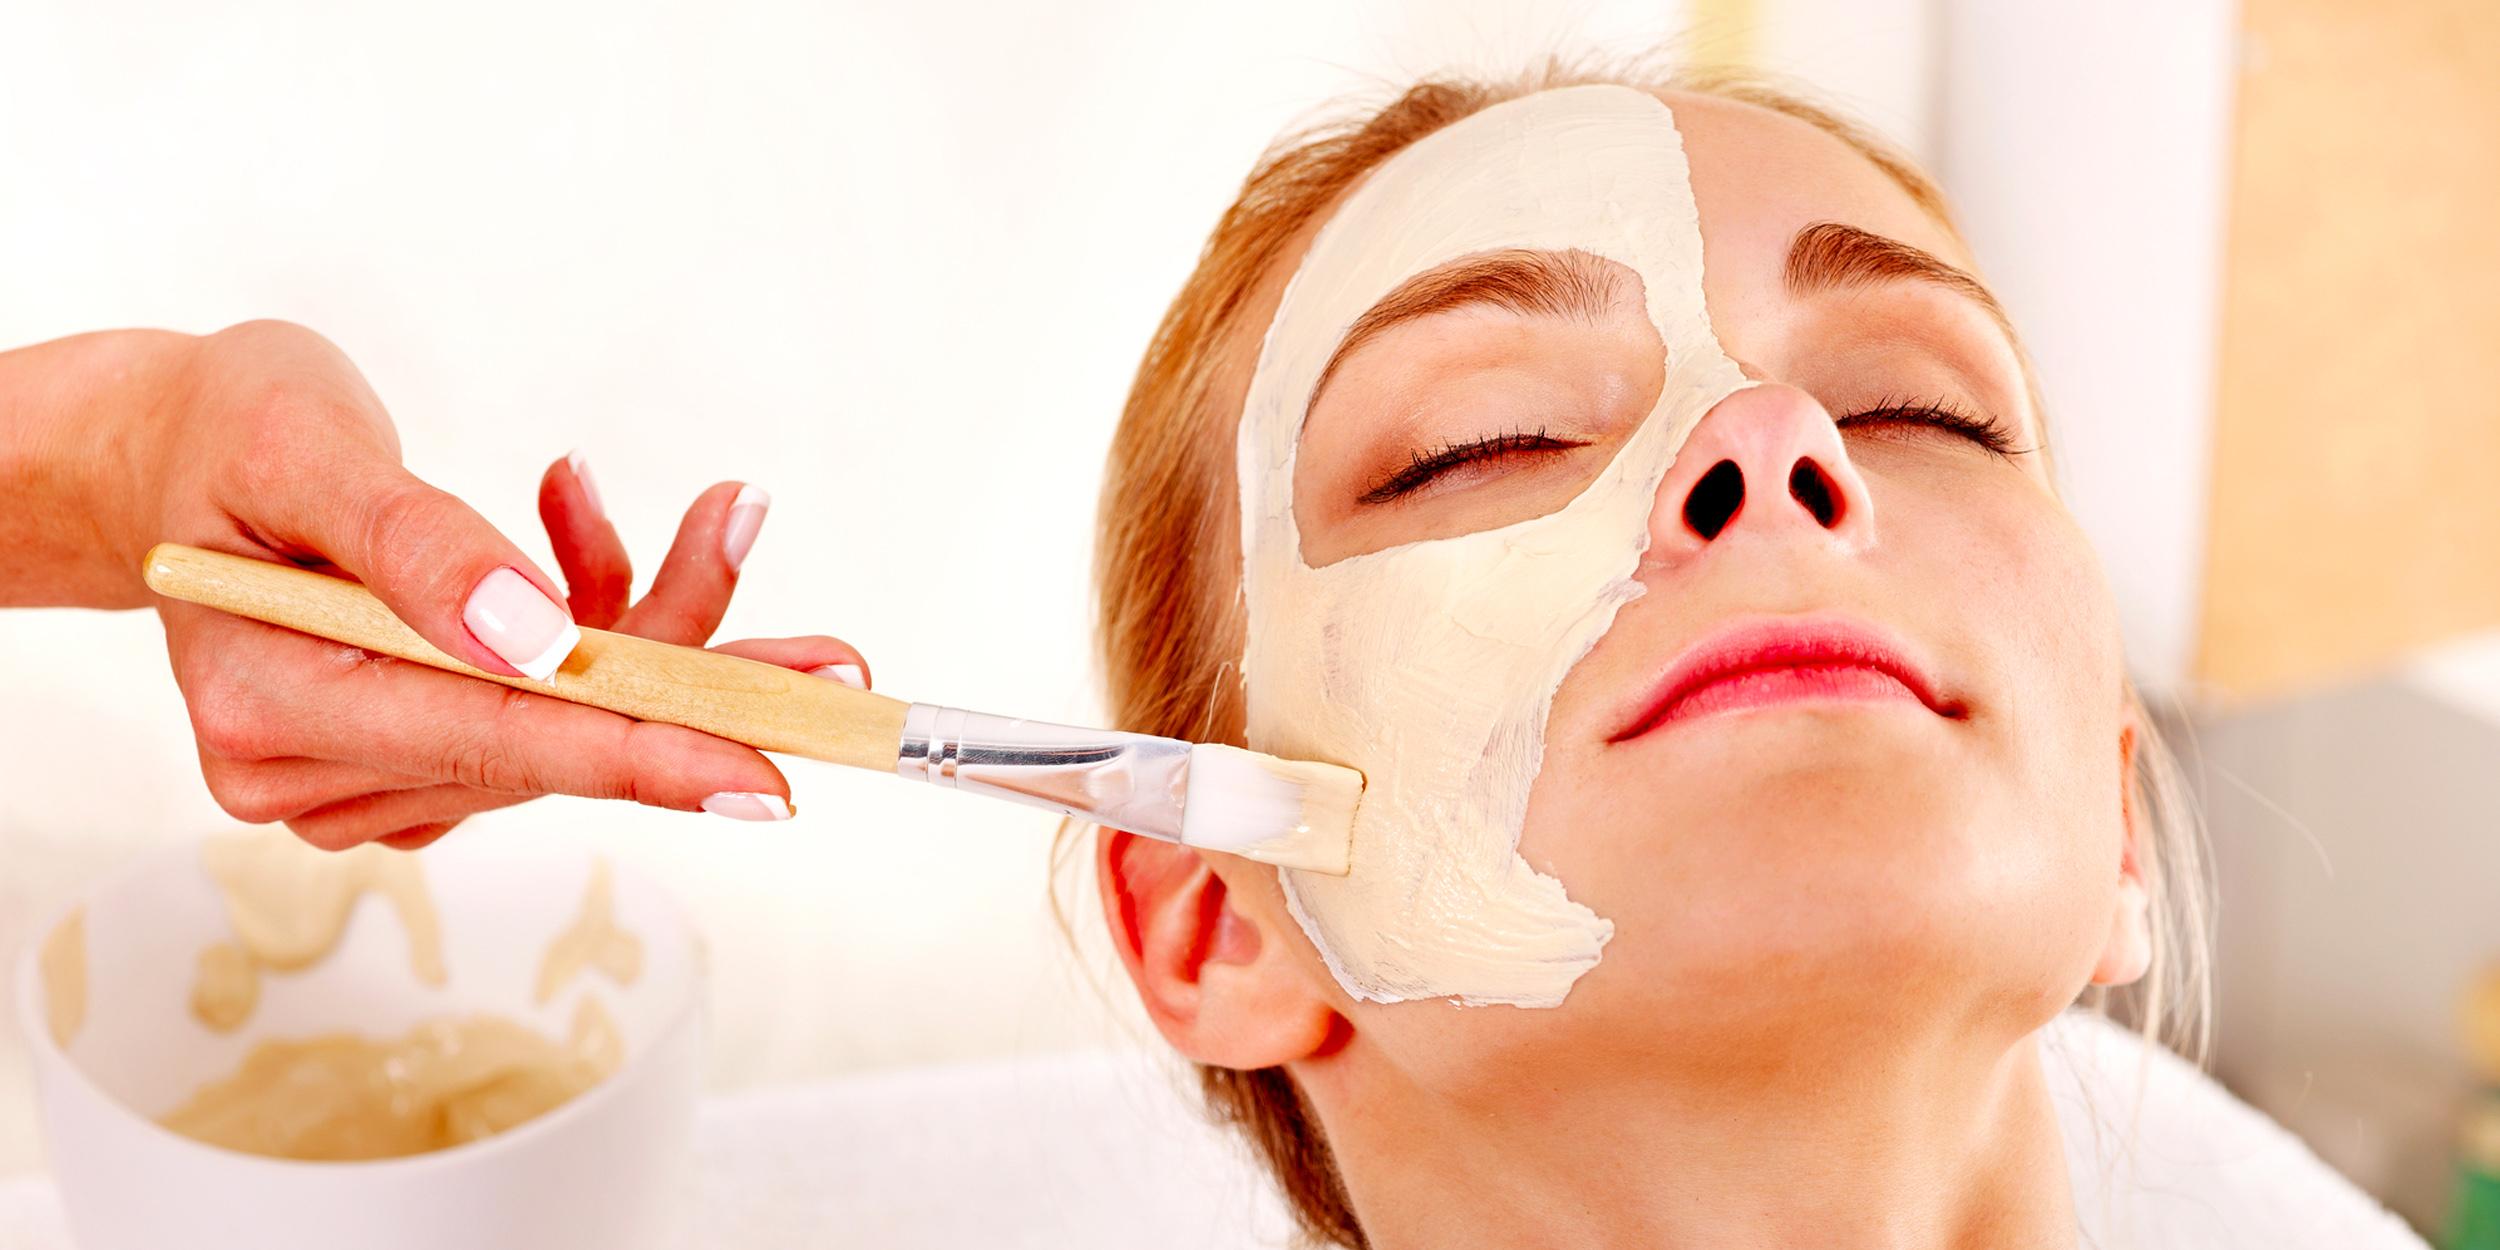 Догляд за шкірою обличчя молодої дівчині